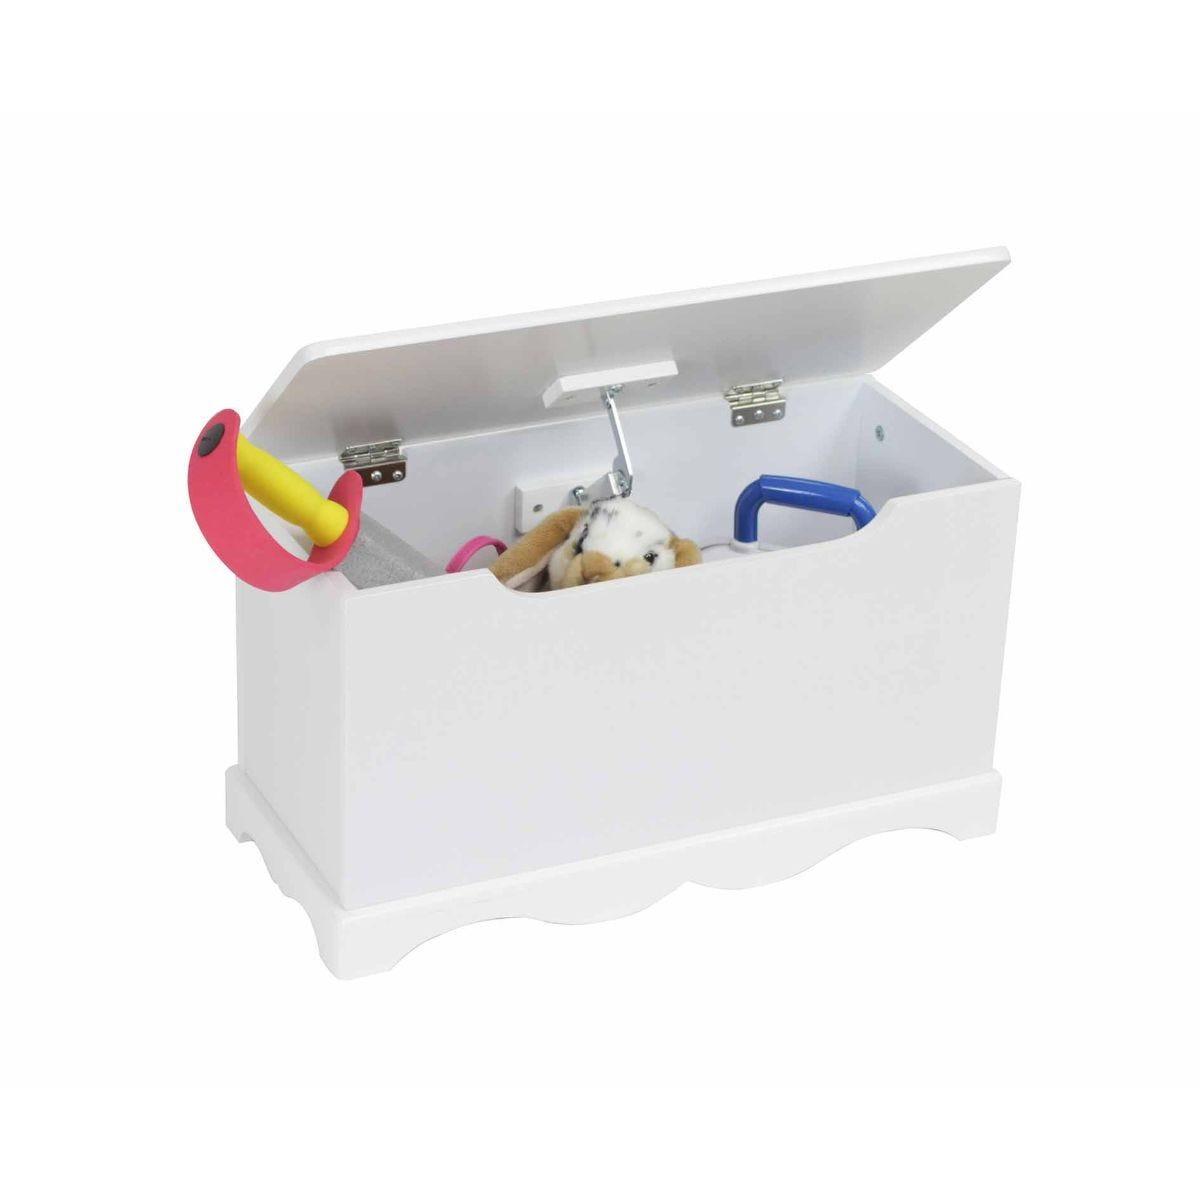 Liberty House Toys White Wooden Toy Box